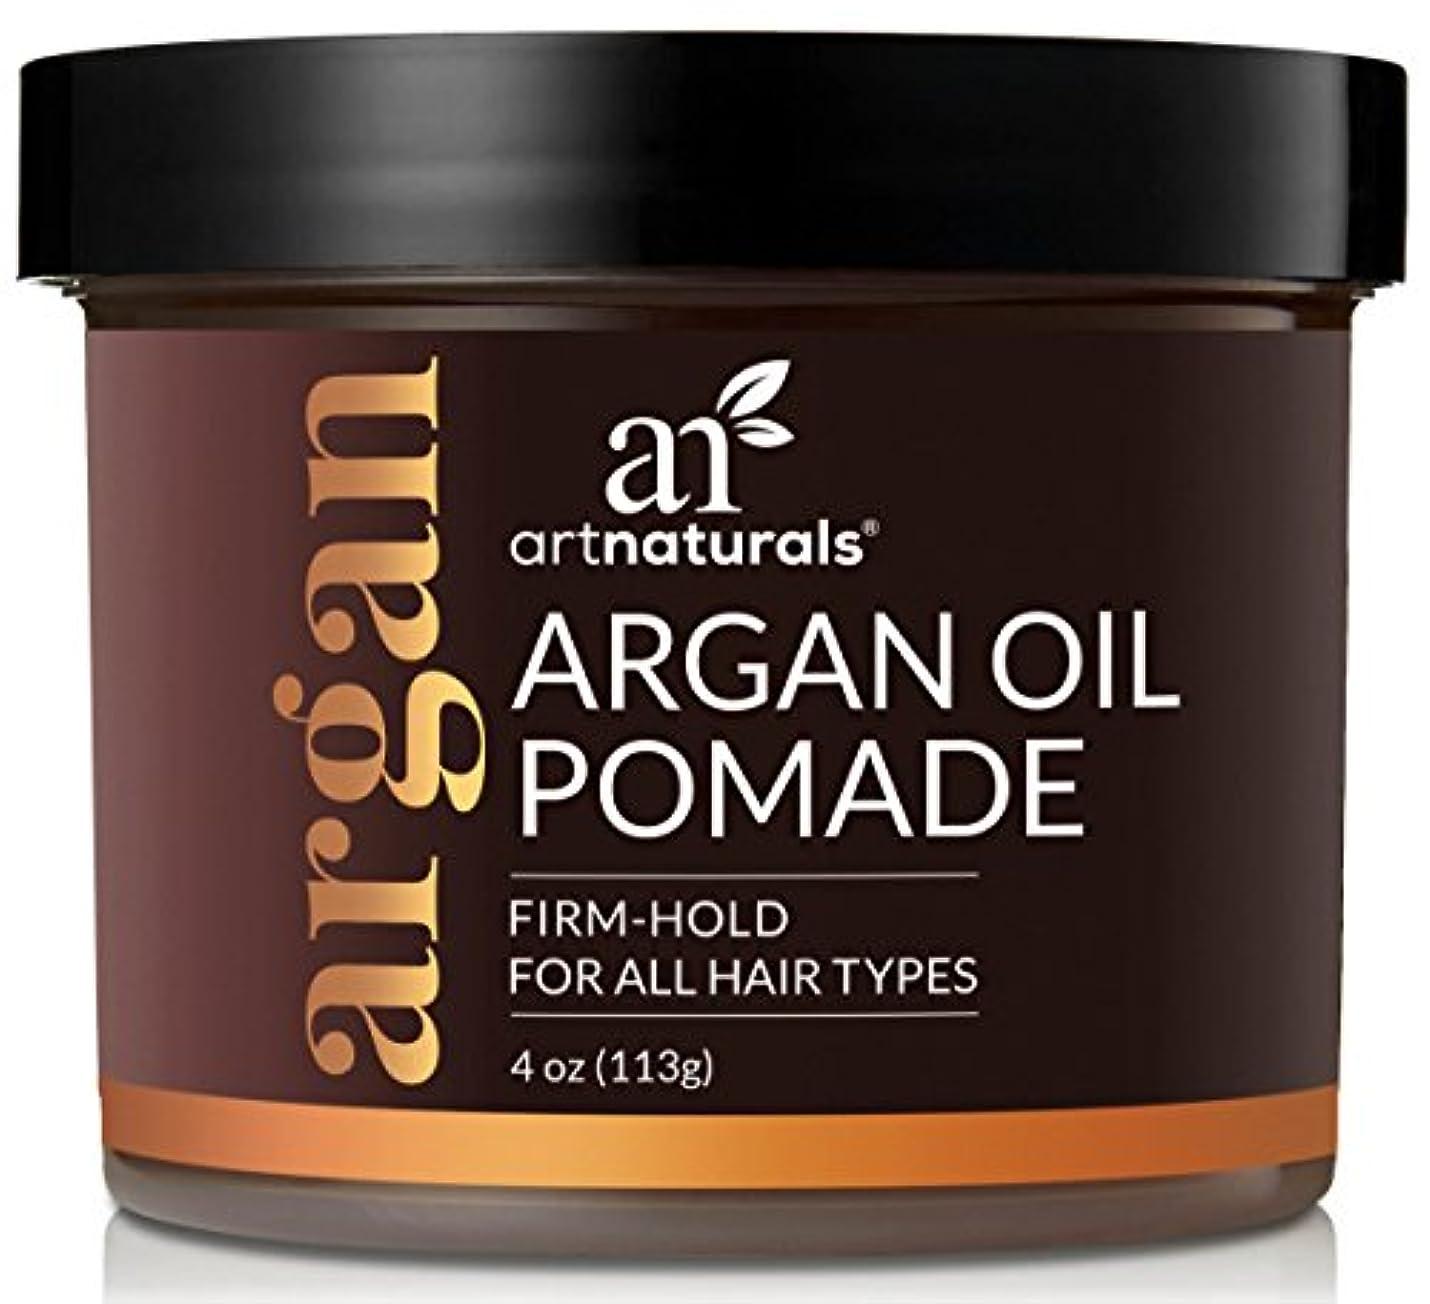 専門知識驚追い付くArtNaturals Professional Argan Oil Pomade - (4 Oz / 113g) - Strong Hold for All Hair Types – Natural Hair Styling...